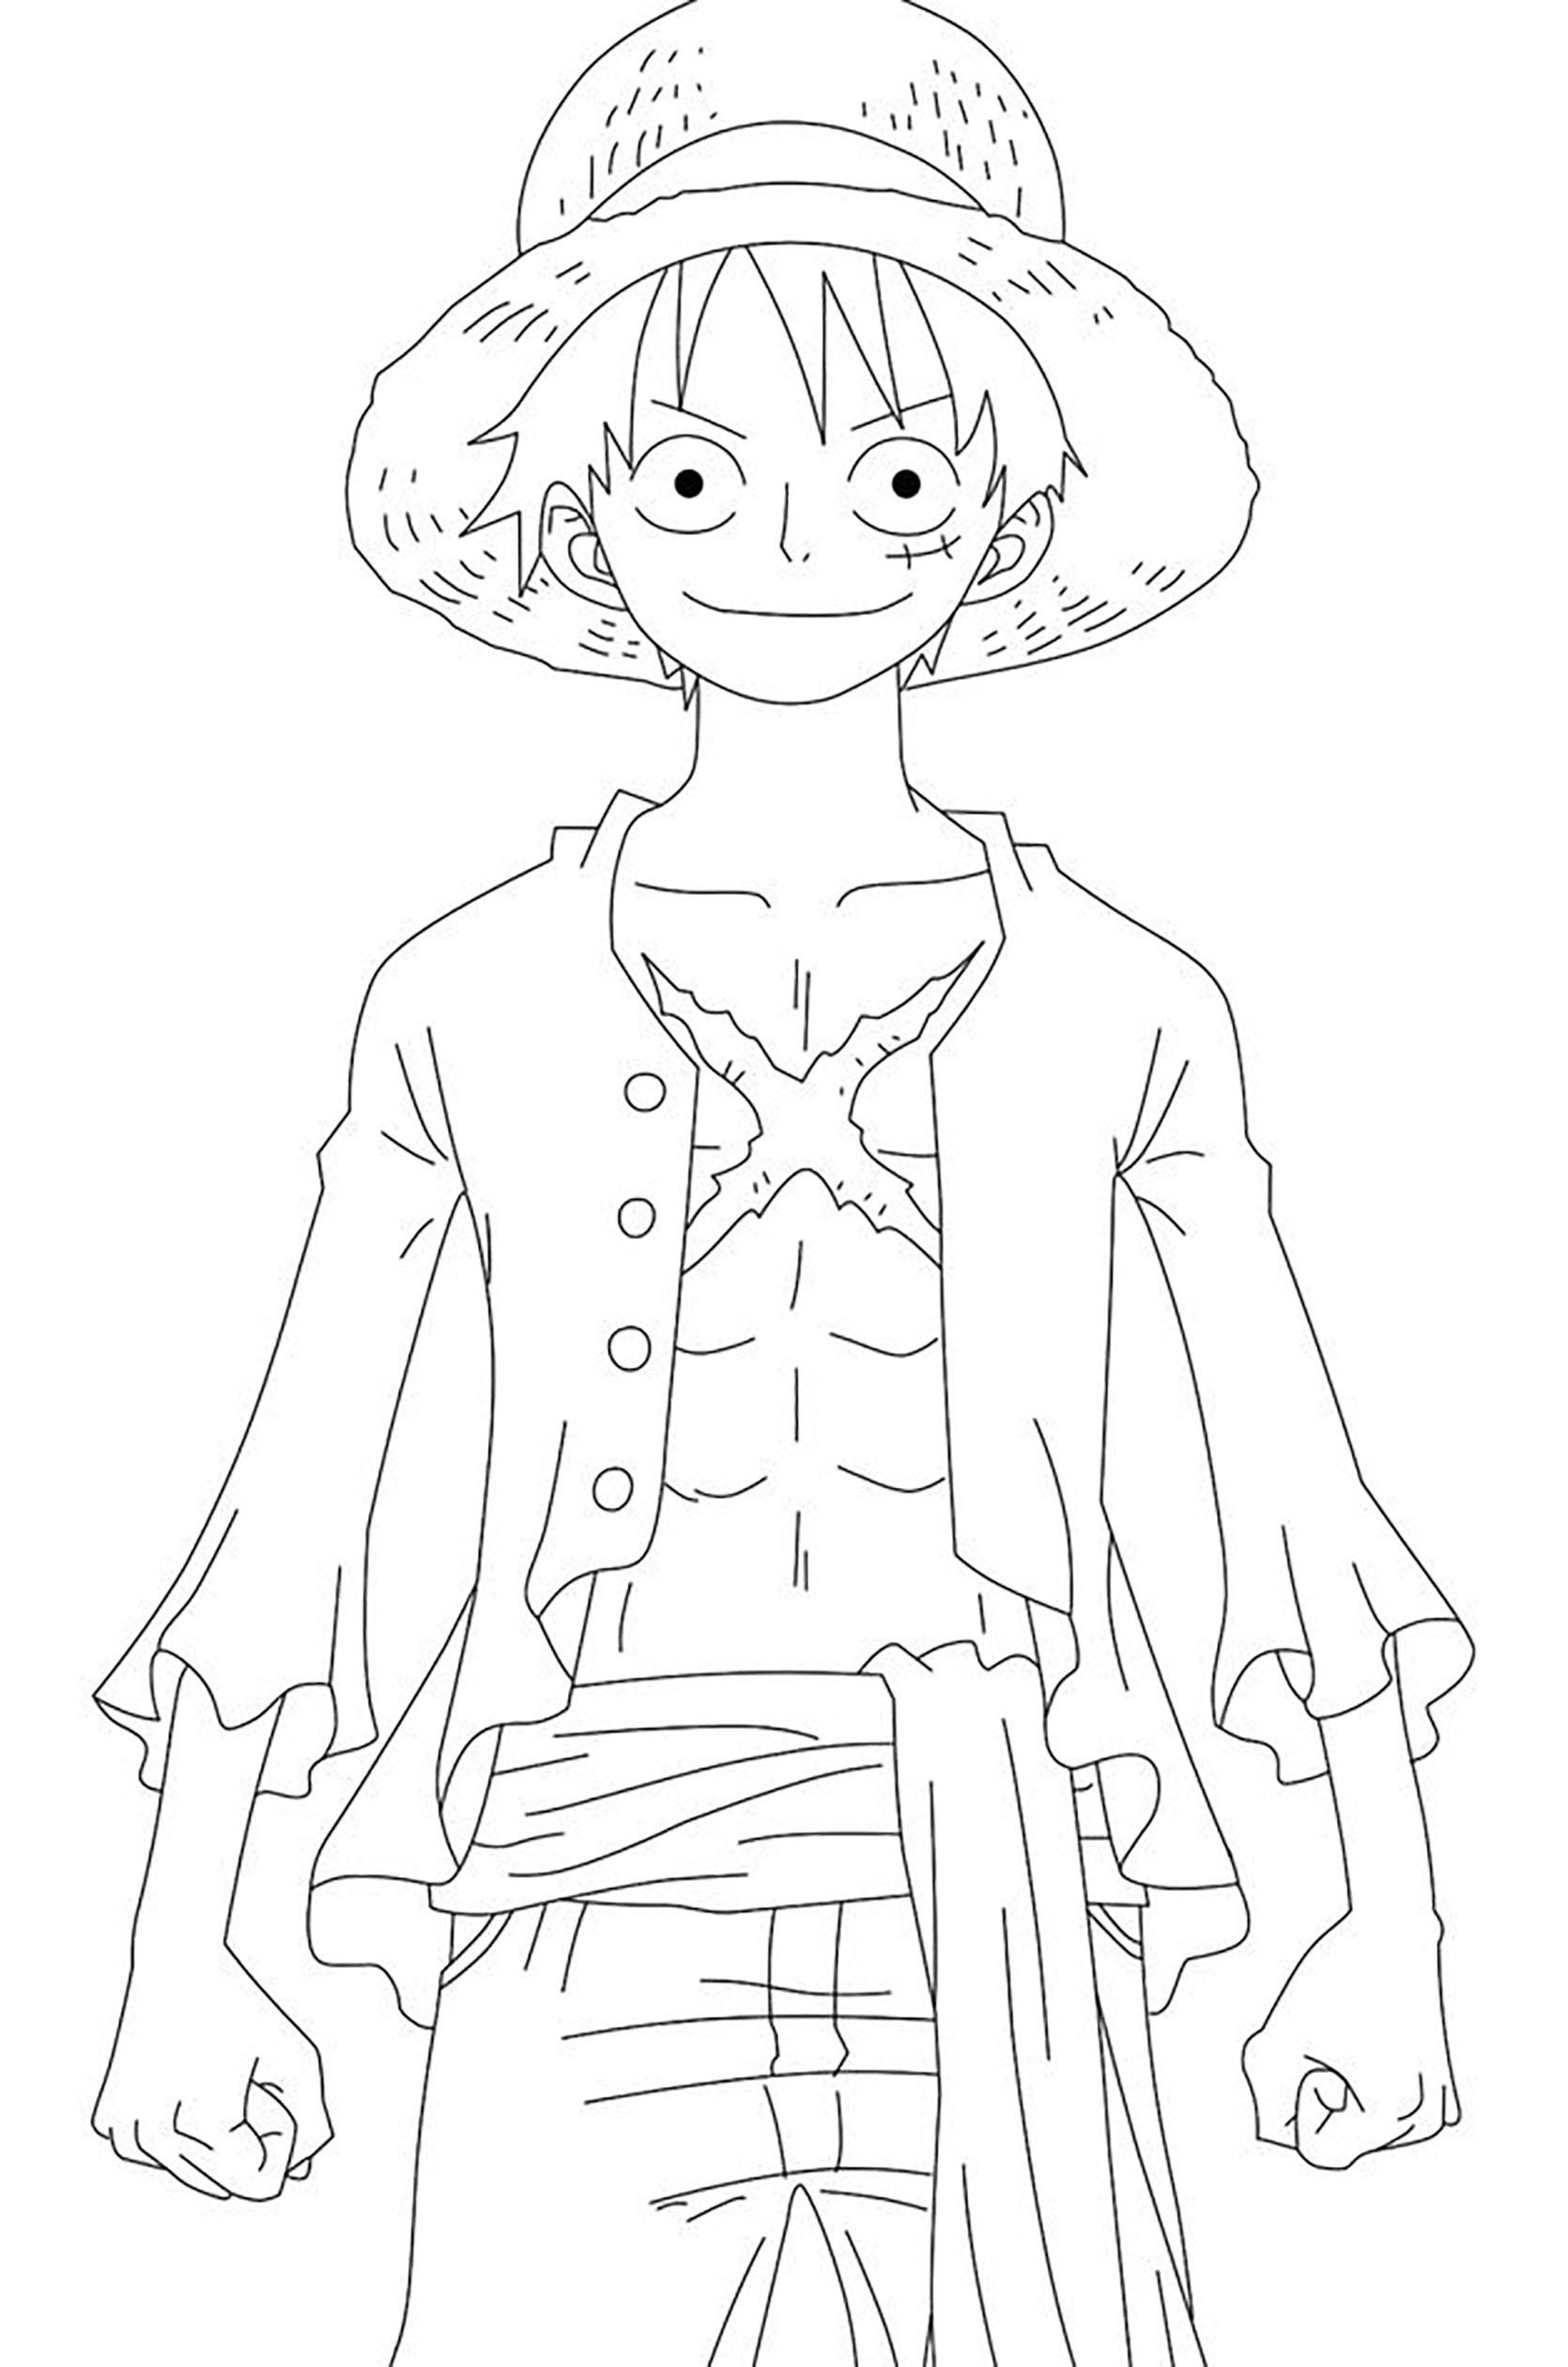 Image De One Piece A Imprimer Et Colorier Coloriage One Piece